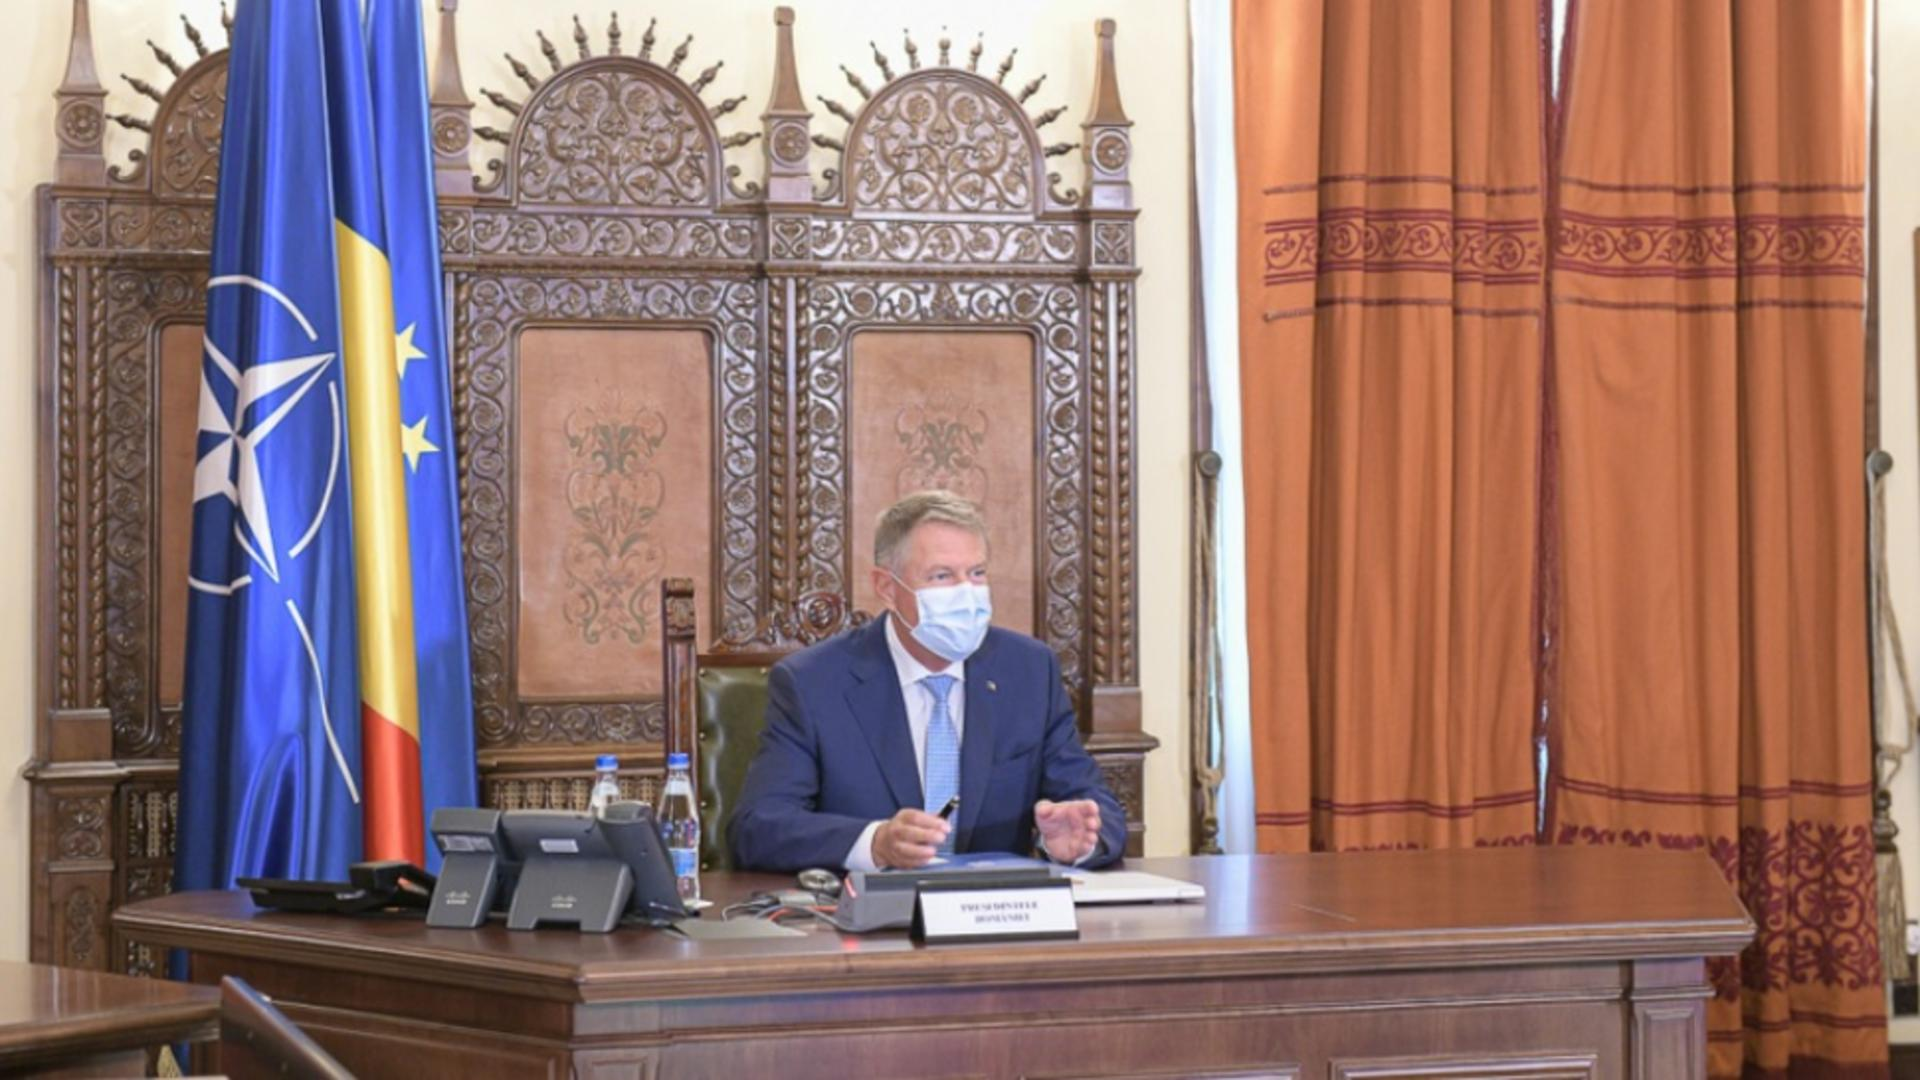 Președintele Klaus Iohannis a convocat ședința CSAT / Foto: Administrația Prezidențială